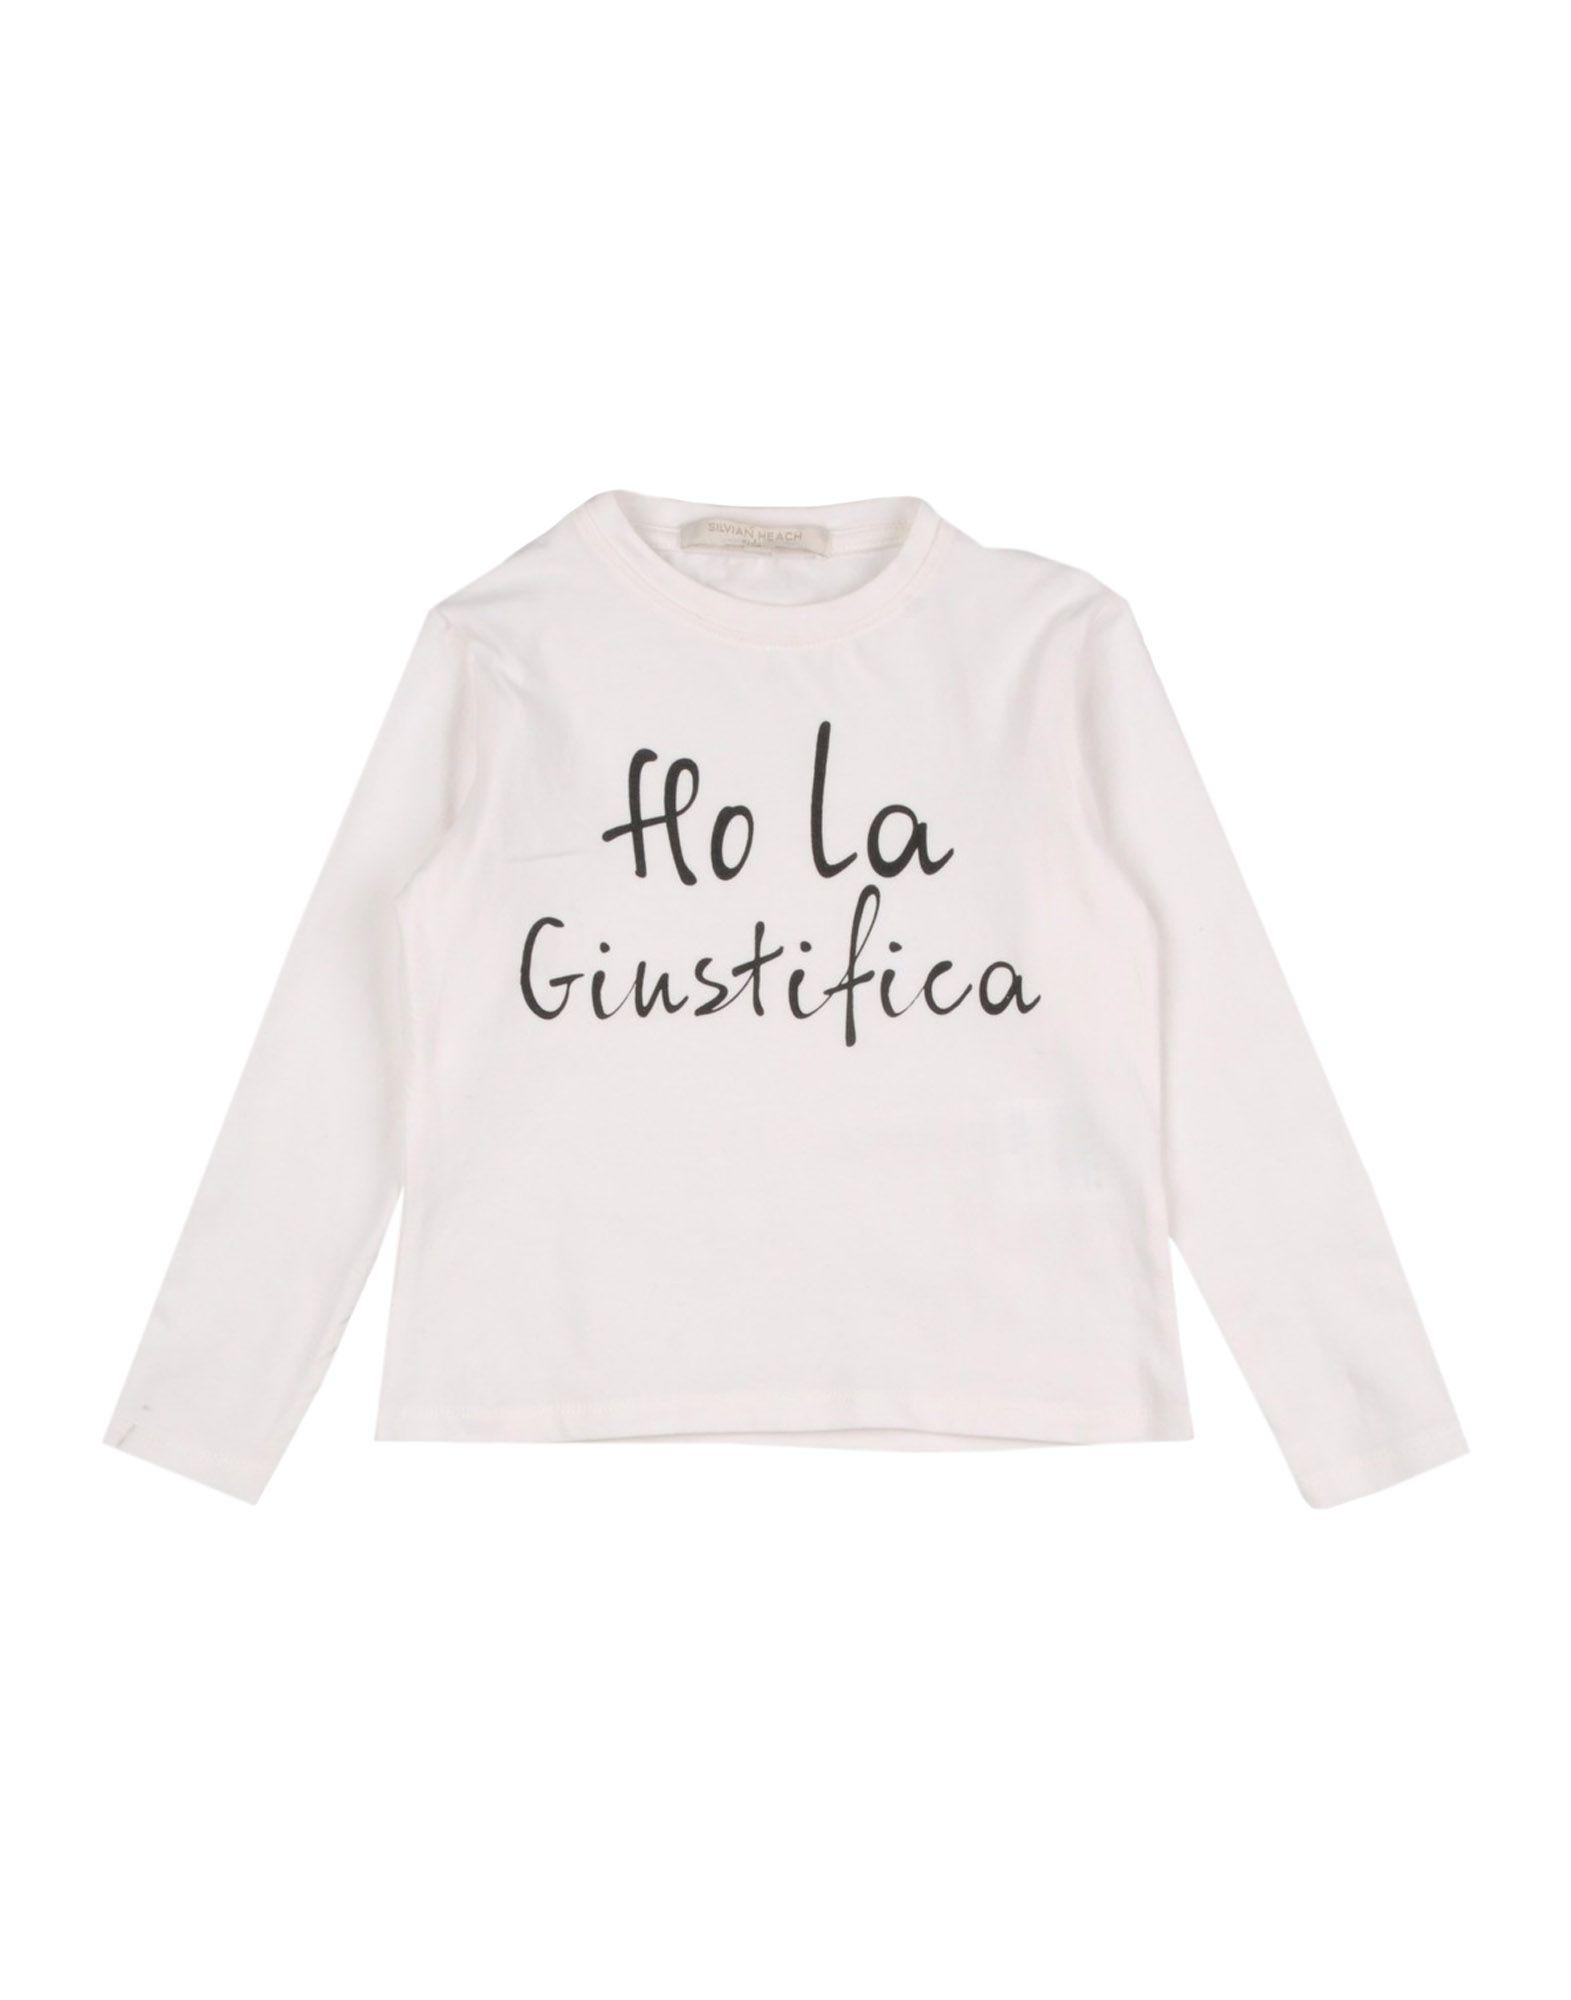 SILVIAN HEACH KIDS Mädchen 0-24 monate T-shirts Farbe Elfenbein Größe 10